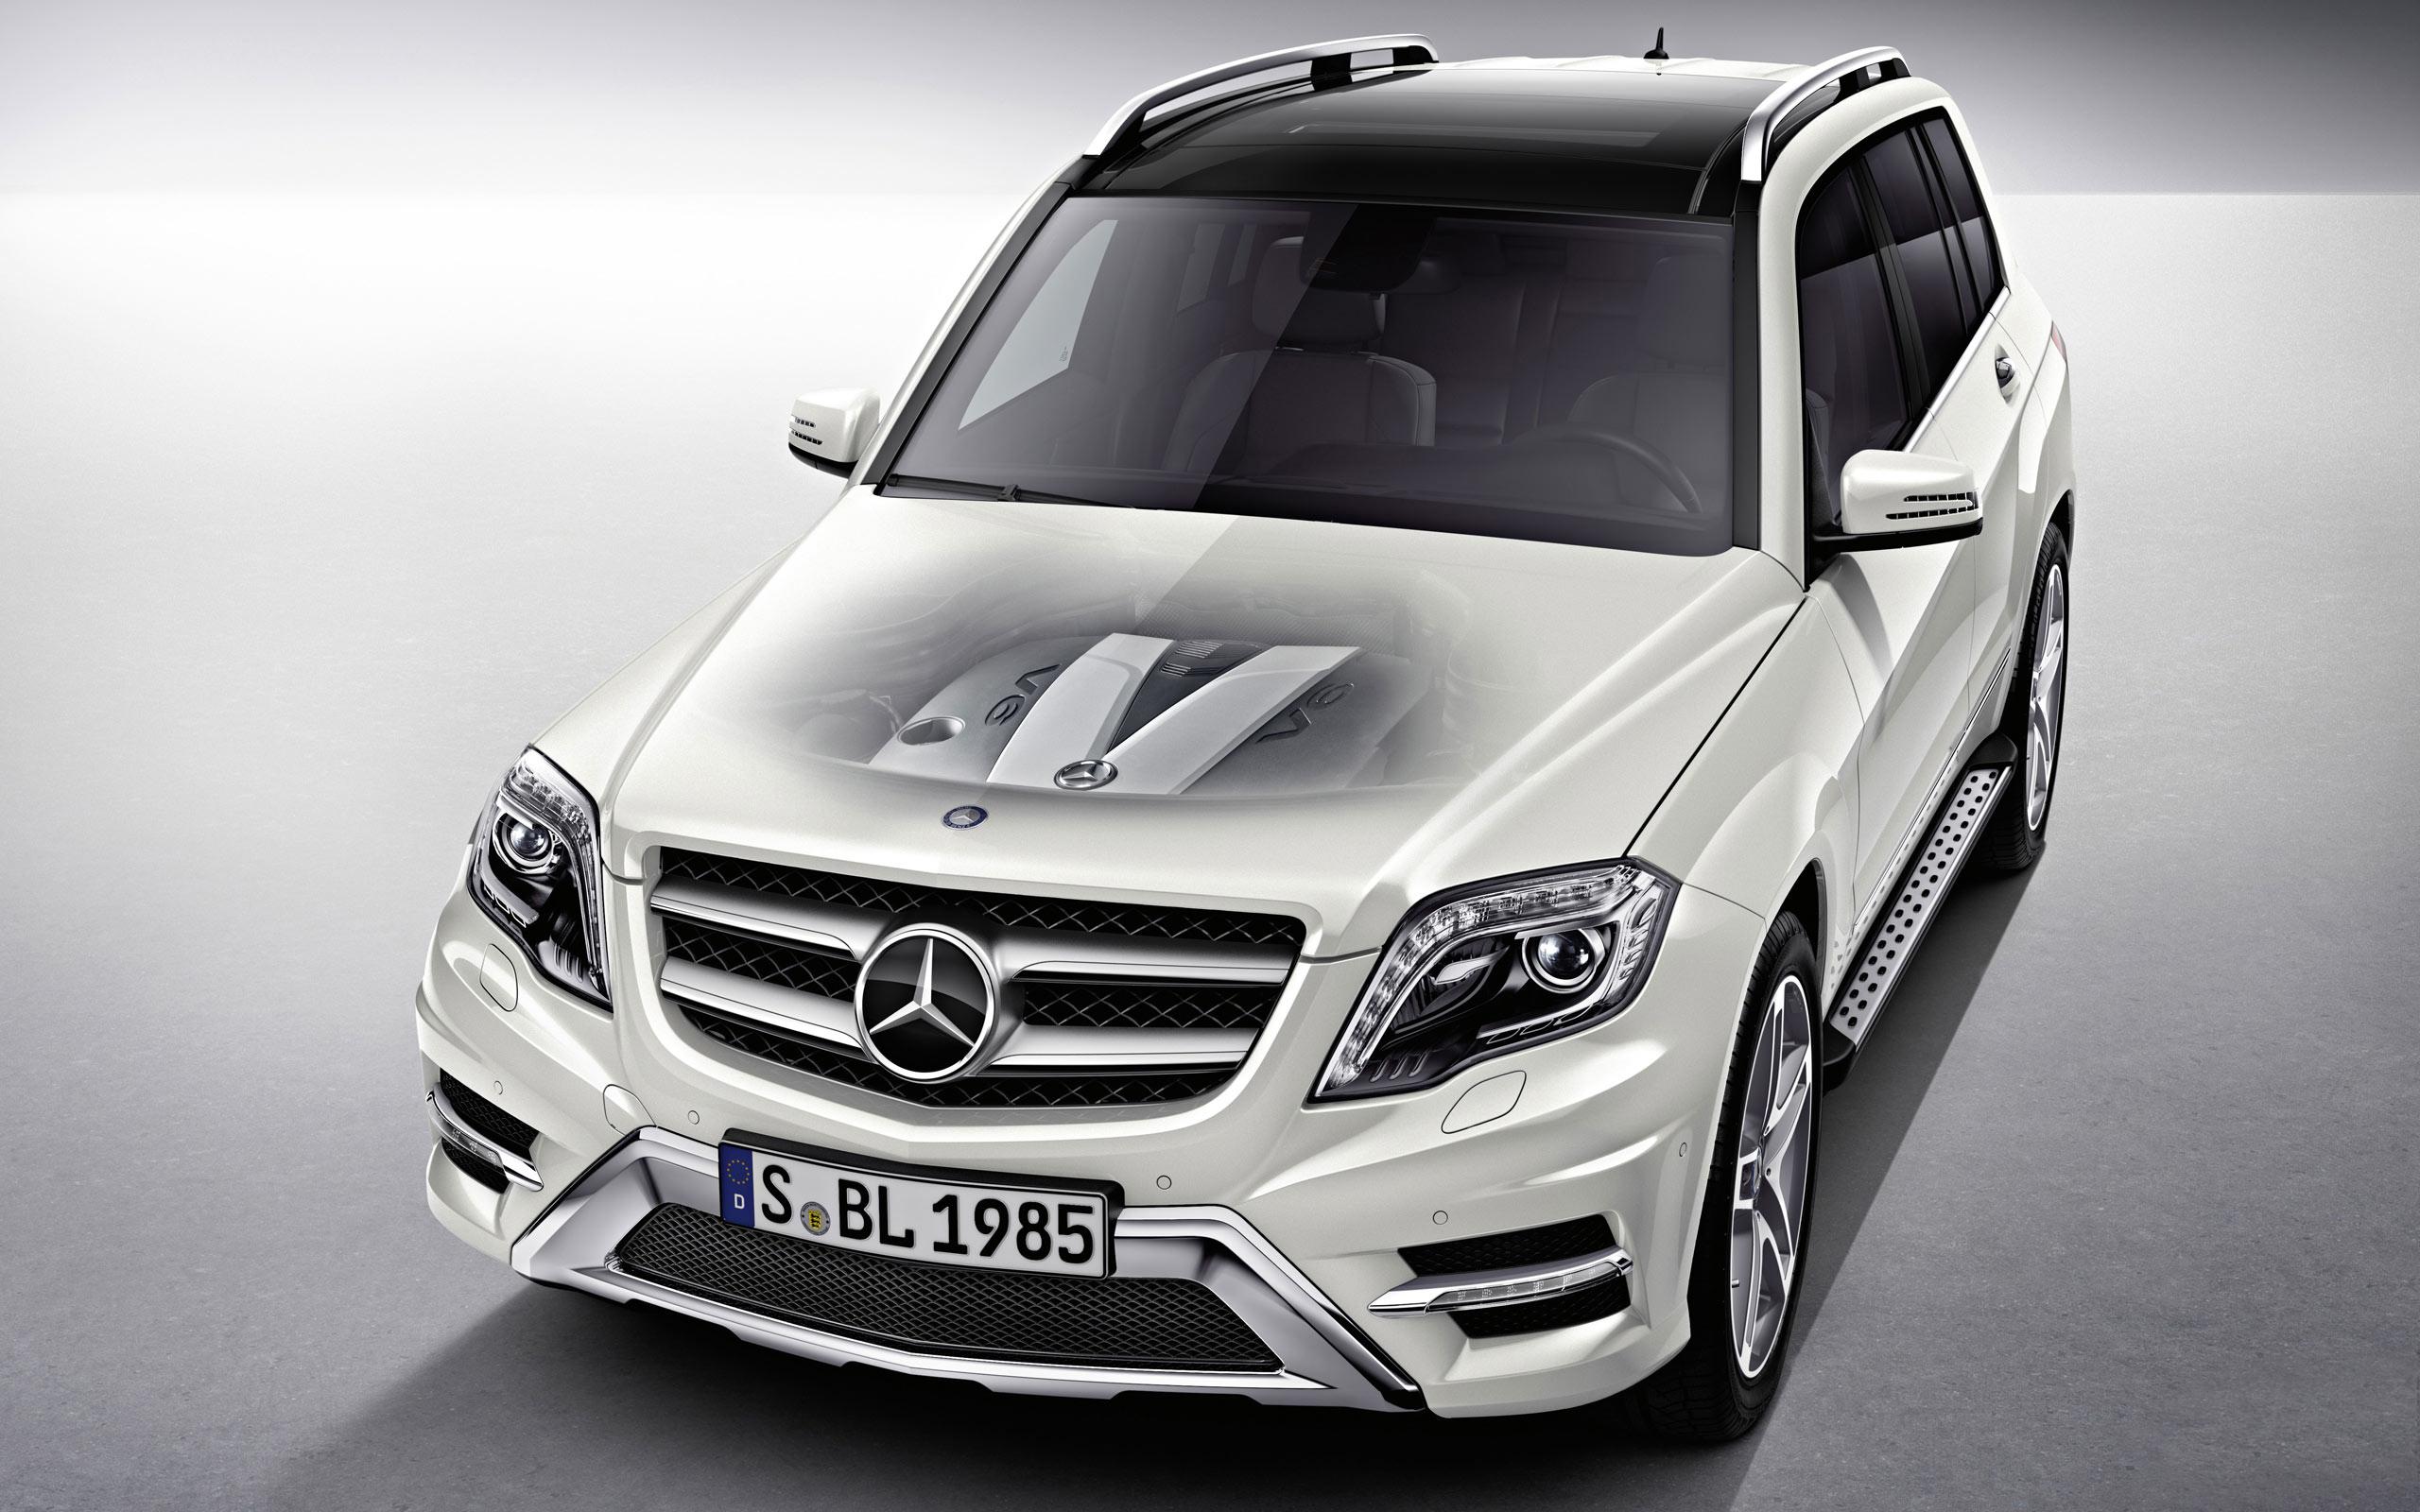 Mercedes Benz Hd Wallpapers 1080p Mercedes Benz Glk 2012 Wallpaper Hd Car Wallpapers Id